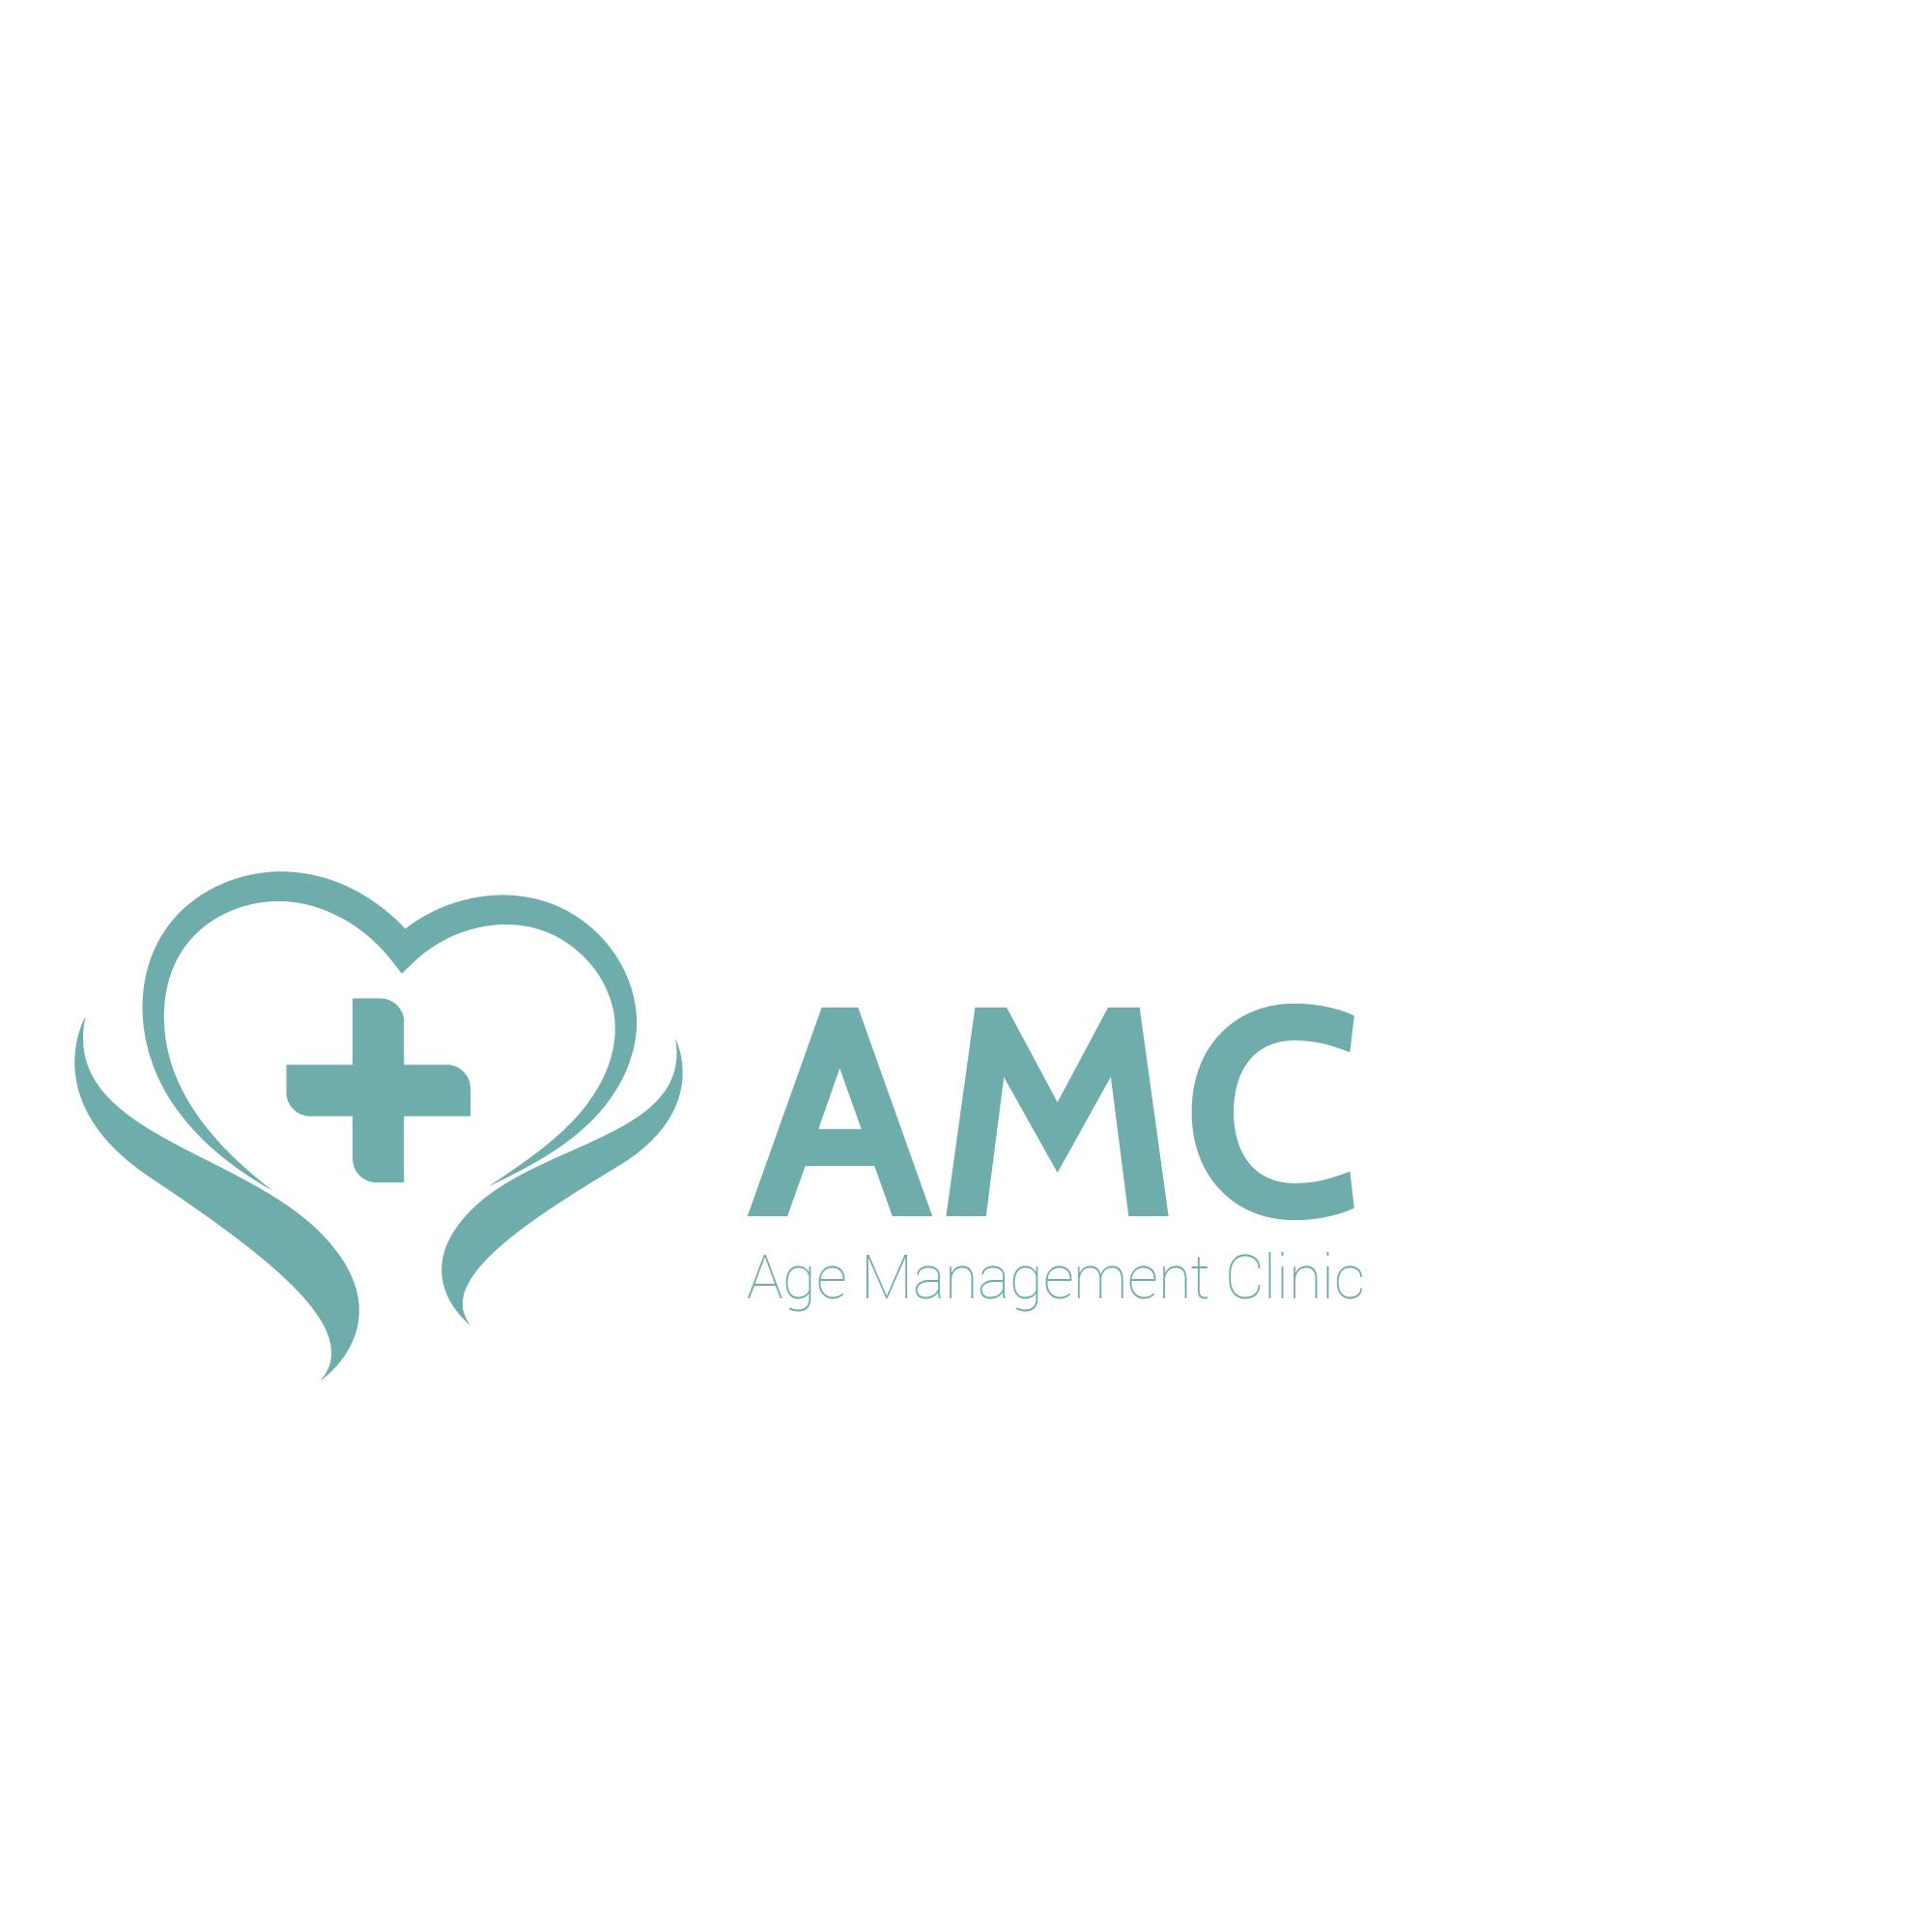 Логотип для медицинского центра (клиники)  фото f_6965b9c051d9082d.jpg